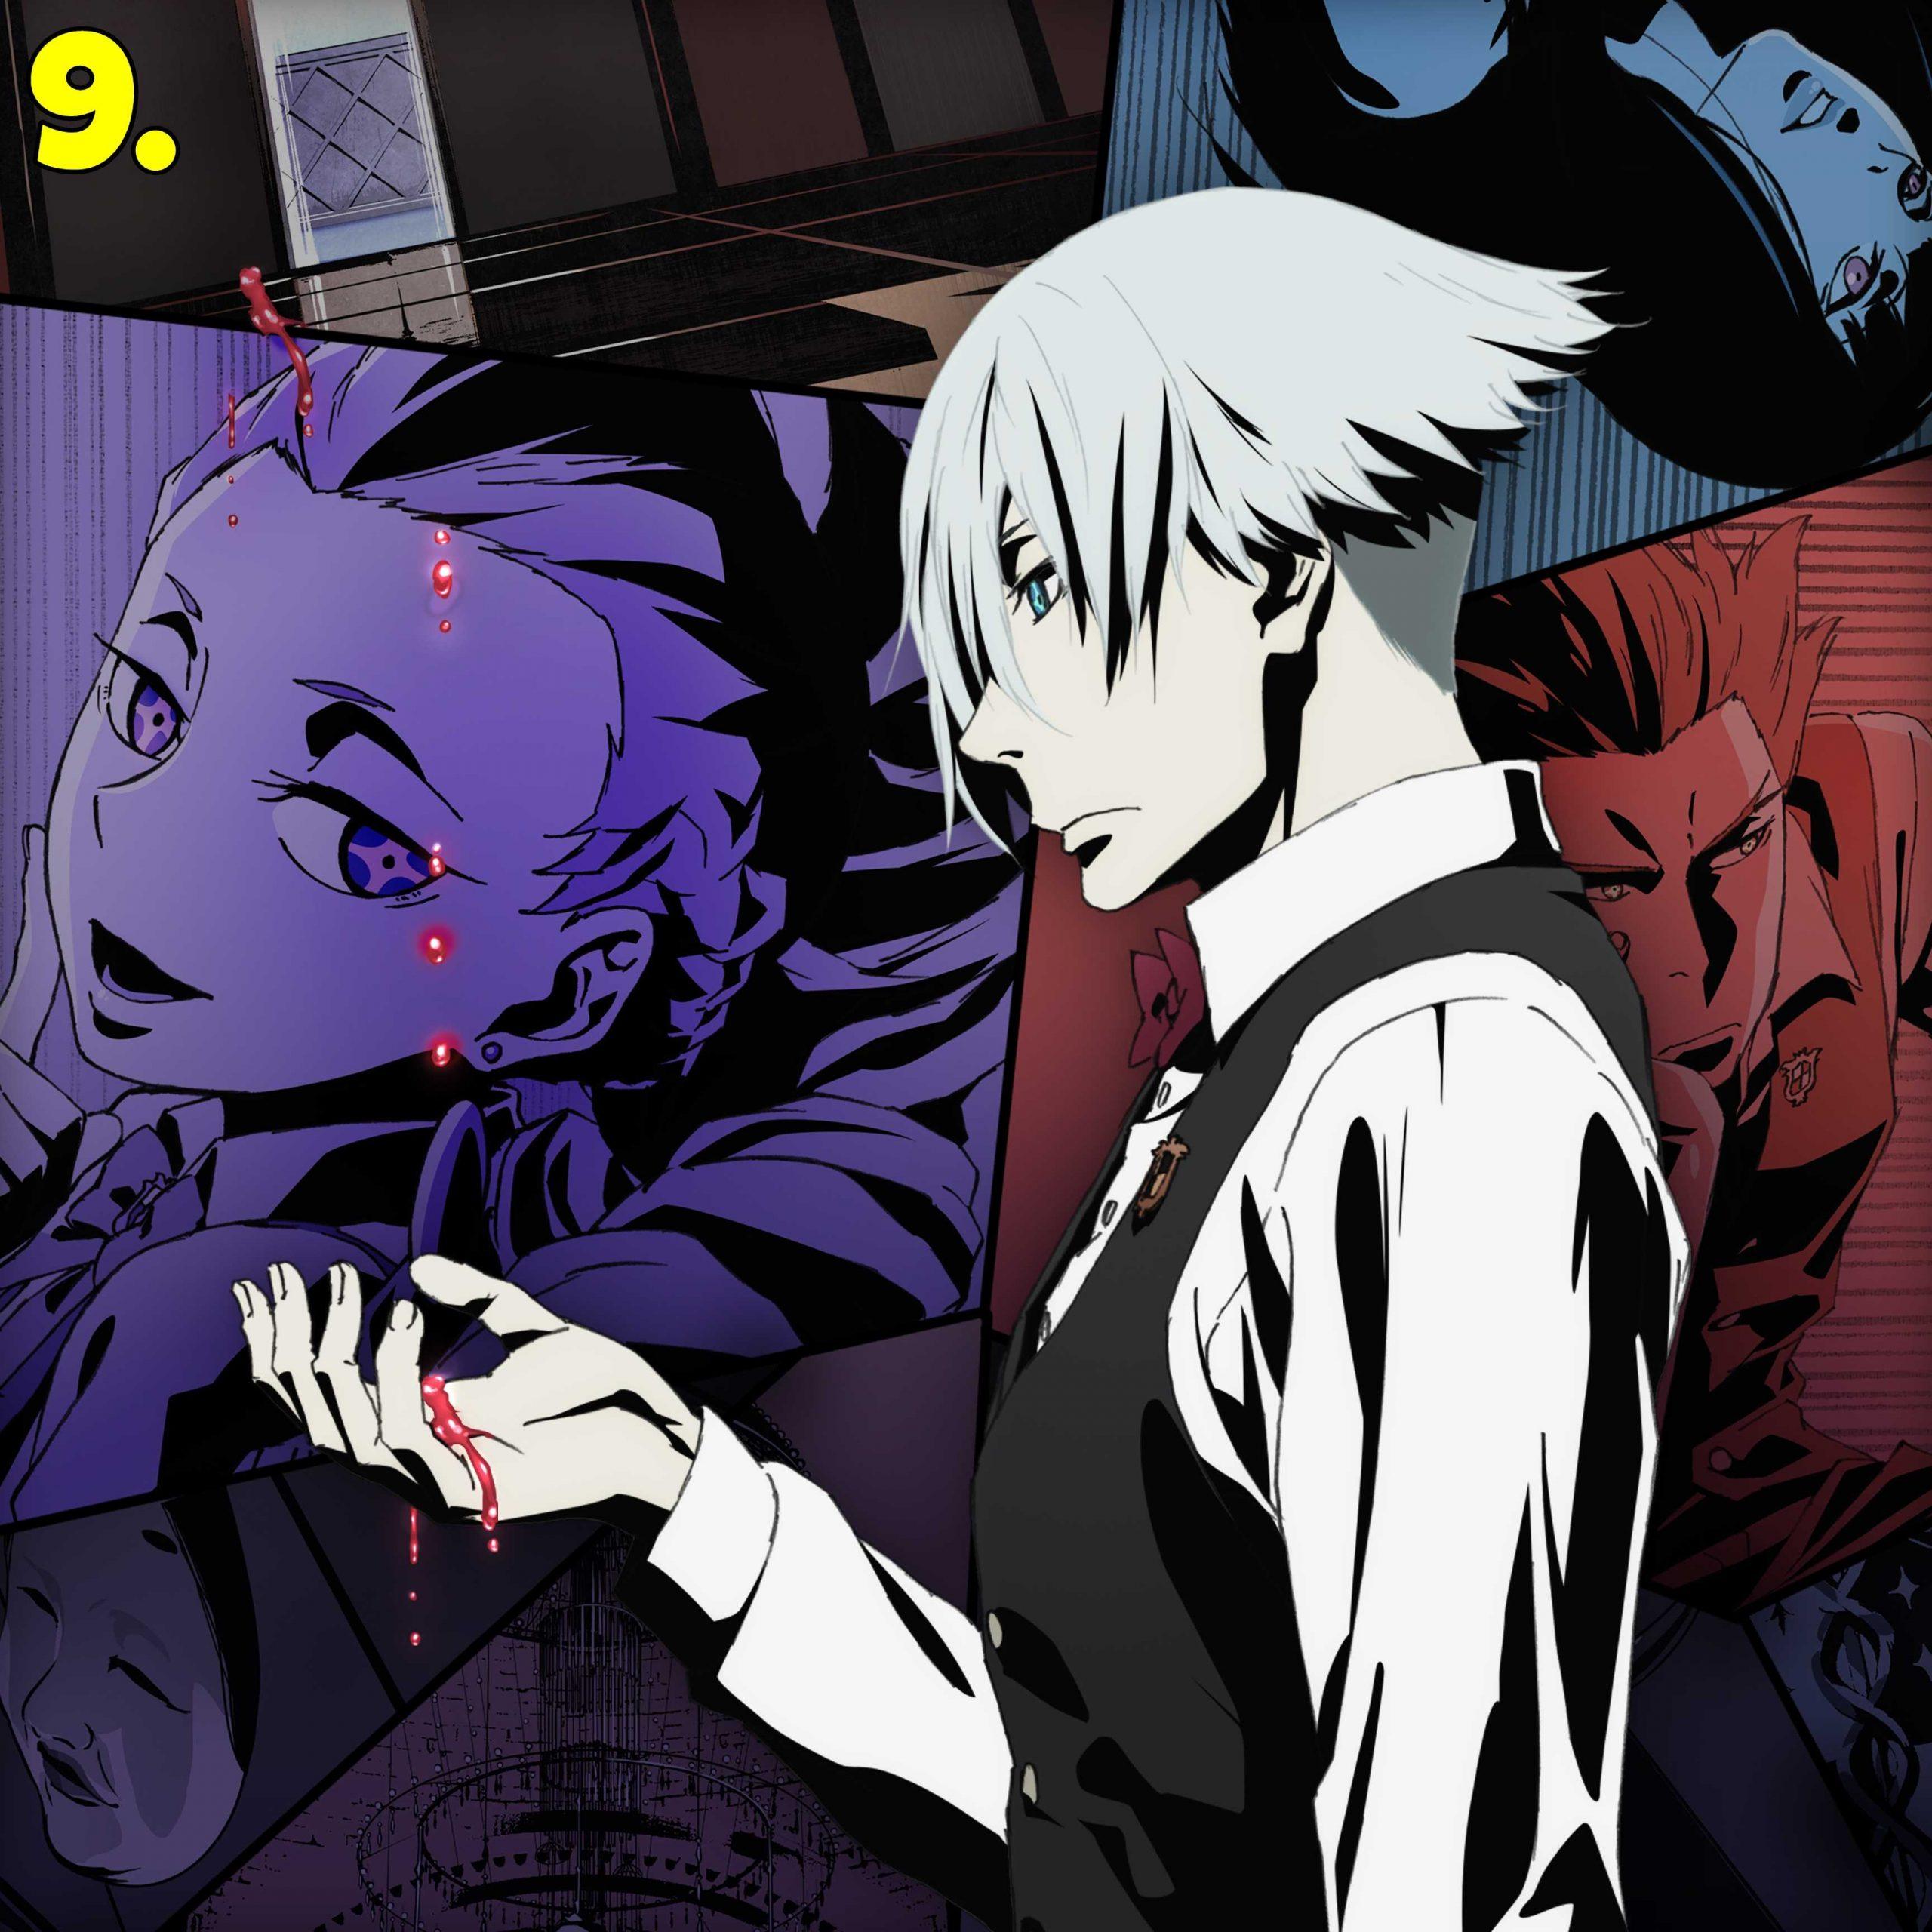 Mystery Anime